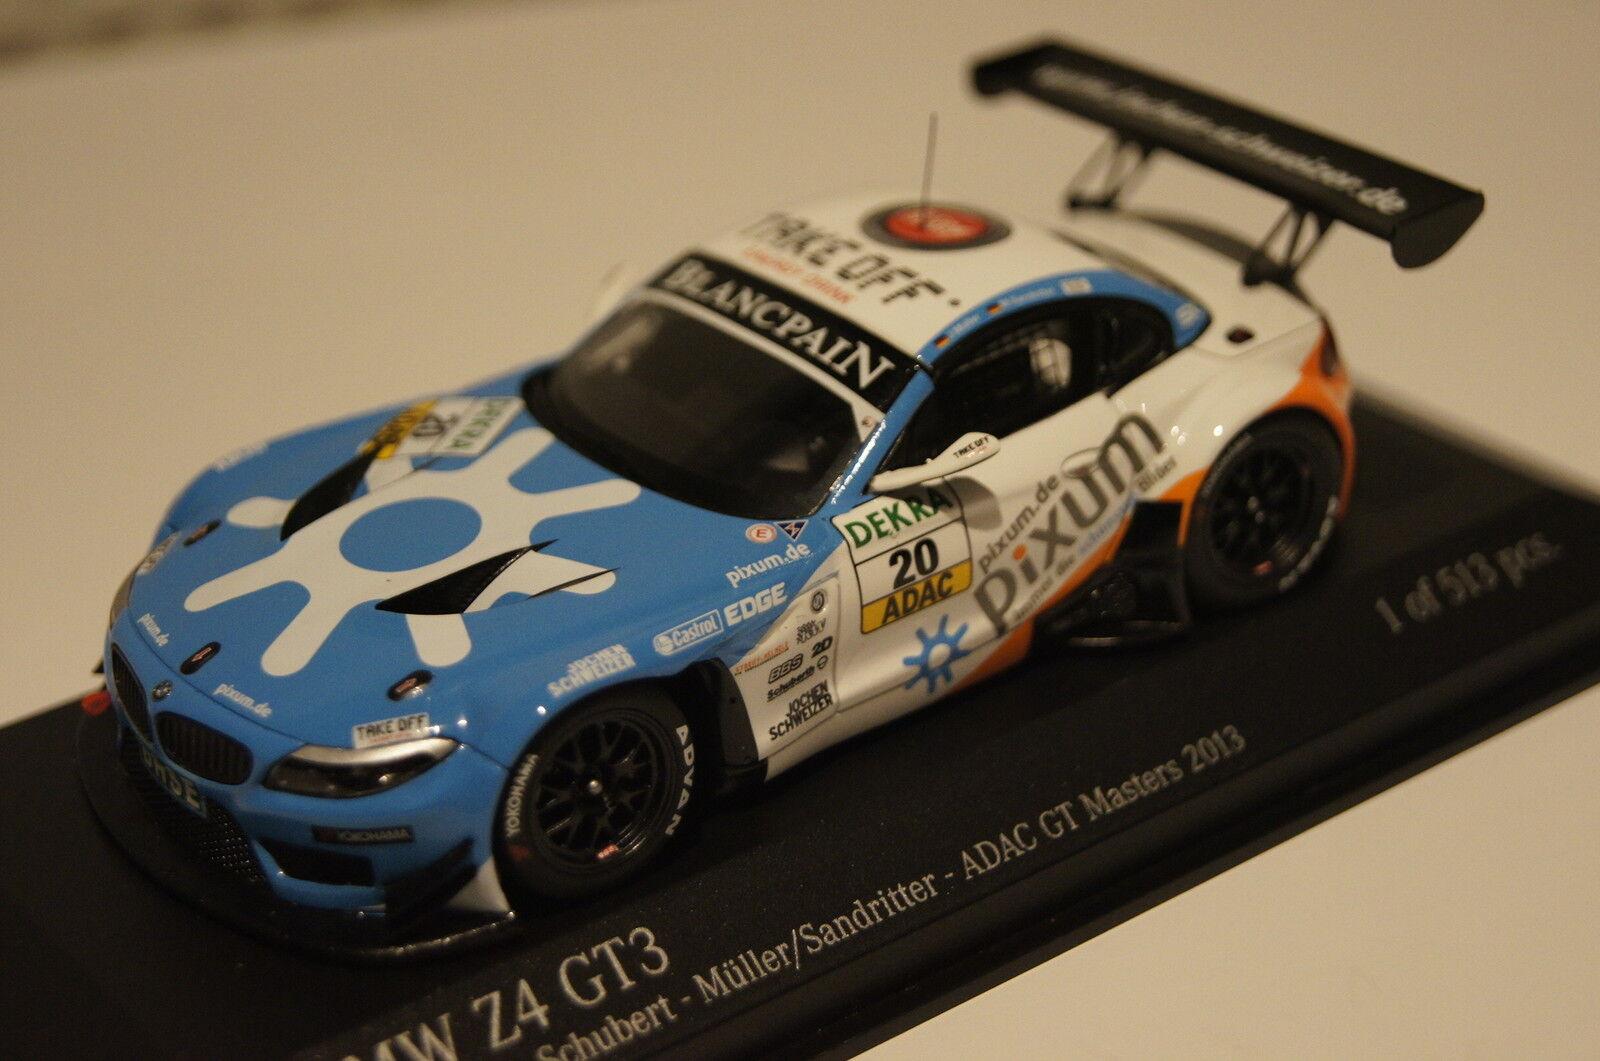 BMW z4 gt3 Team Schubert ADAC GT ingrasso. 2013 1 43 Minichamps Nuovo & Ovp 437132420